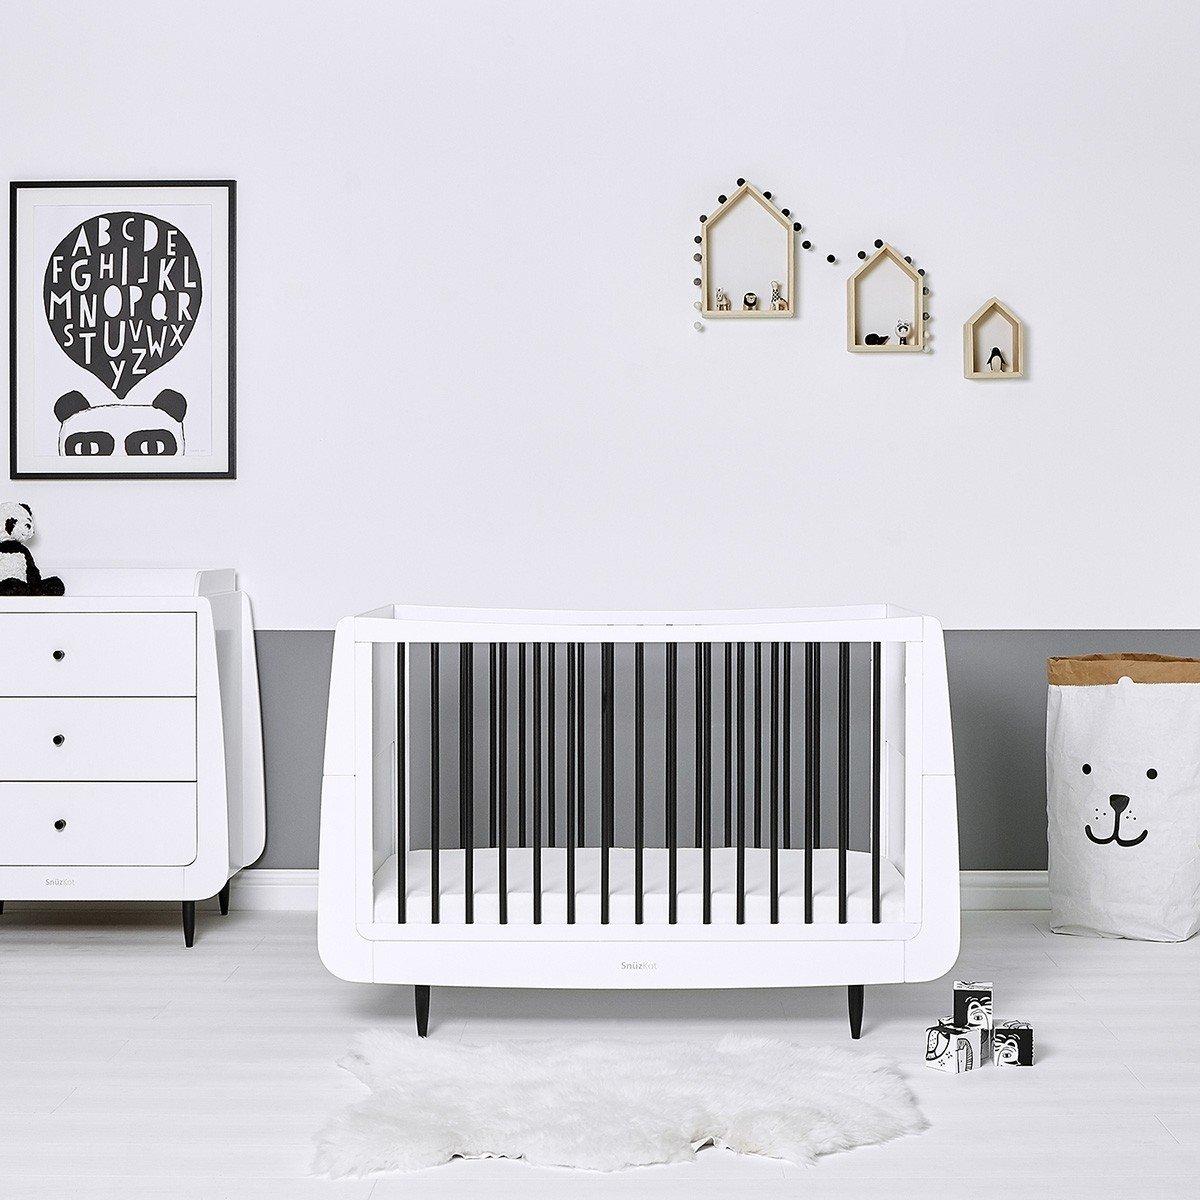 Full Size of Babybett Schwarz Snzkot Skandi In Mono Bett 180x200 Schwarze Küche Schwarzes Weiß Wohnzimmer Babybett Schwarz